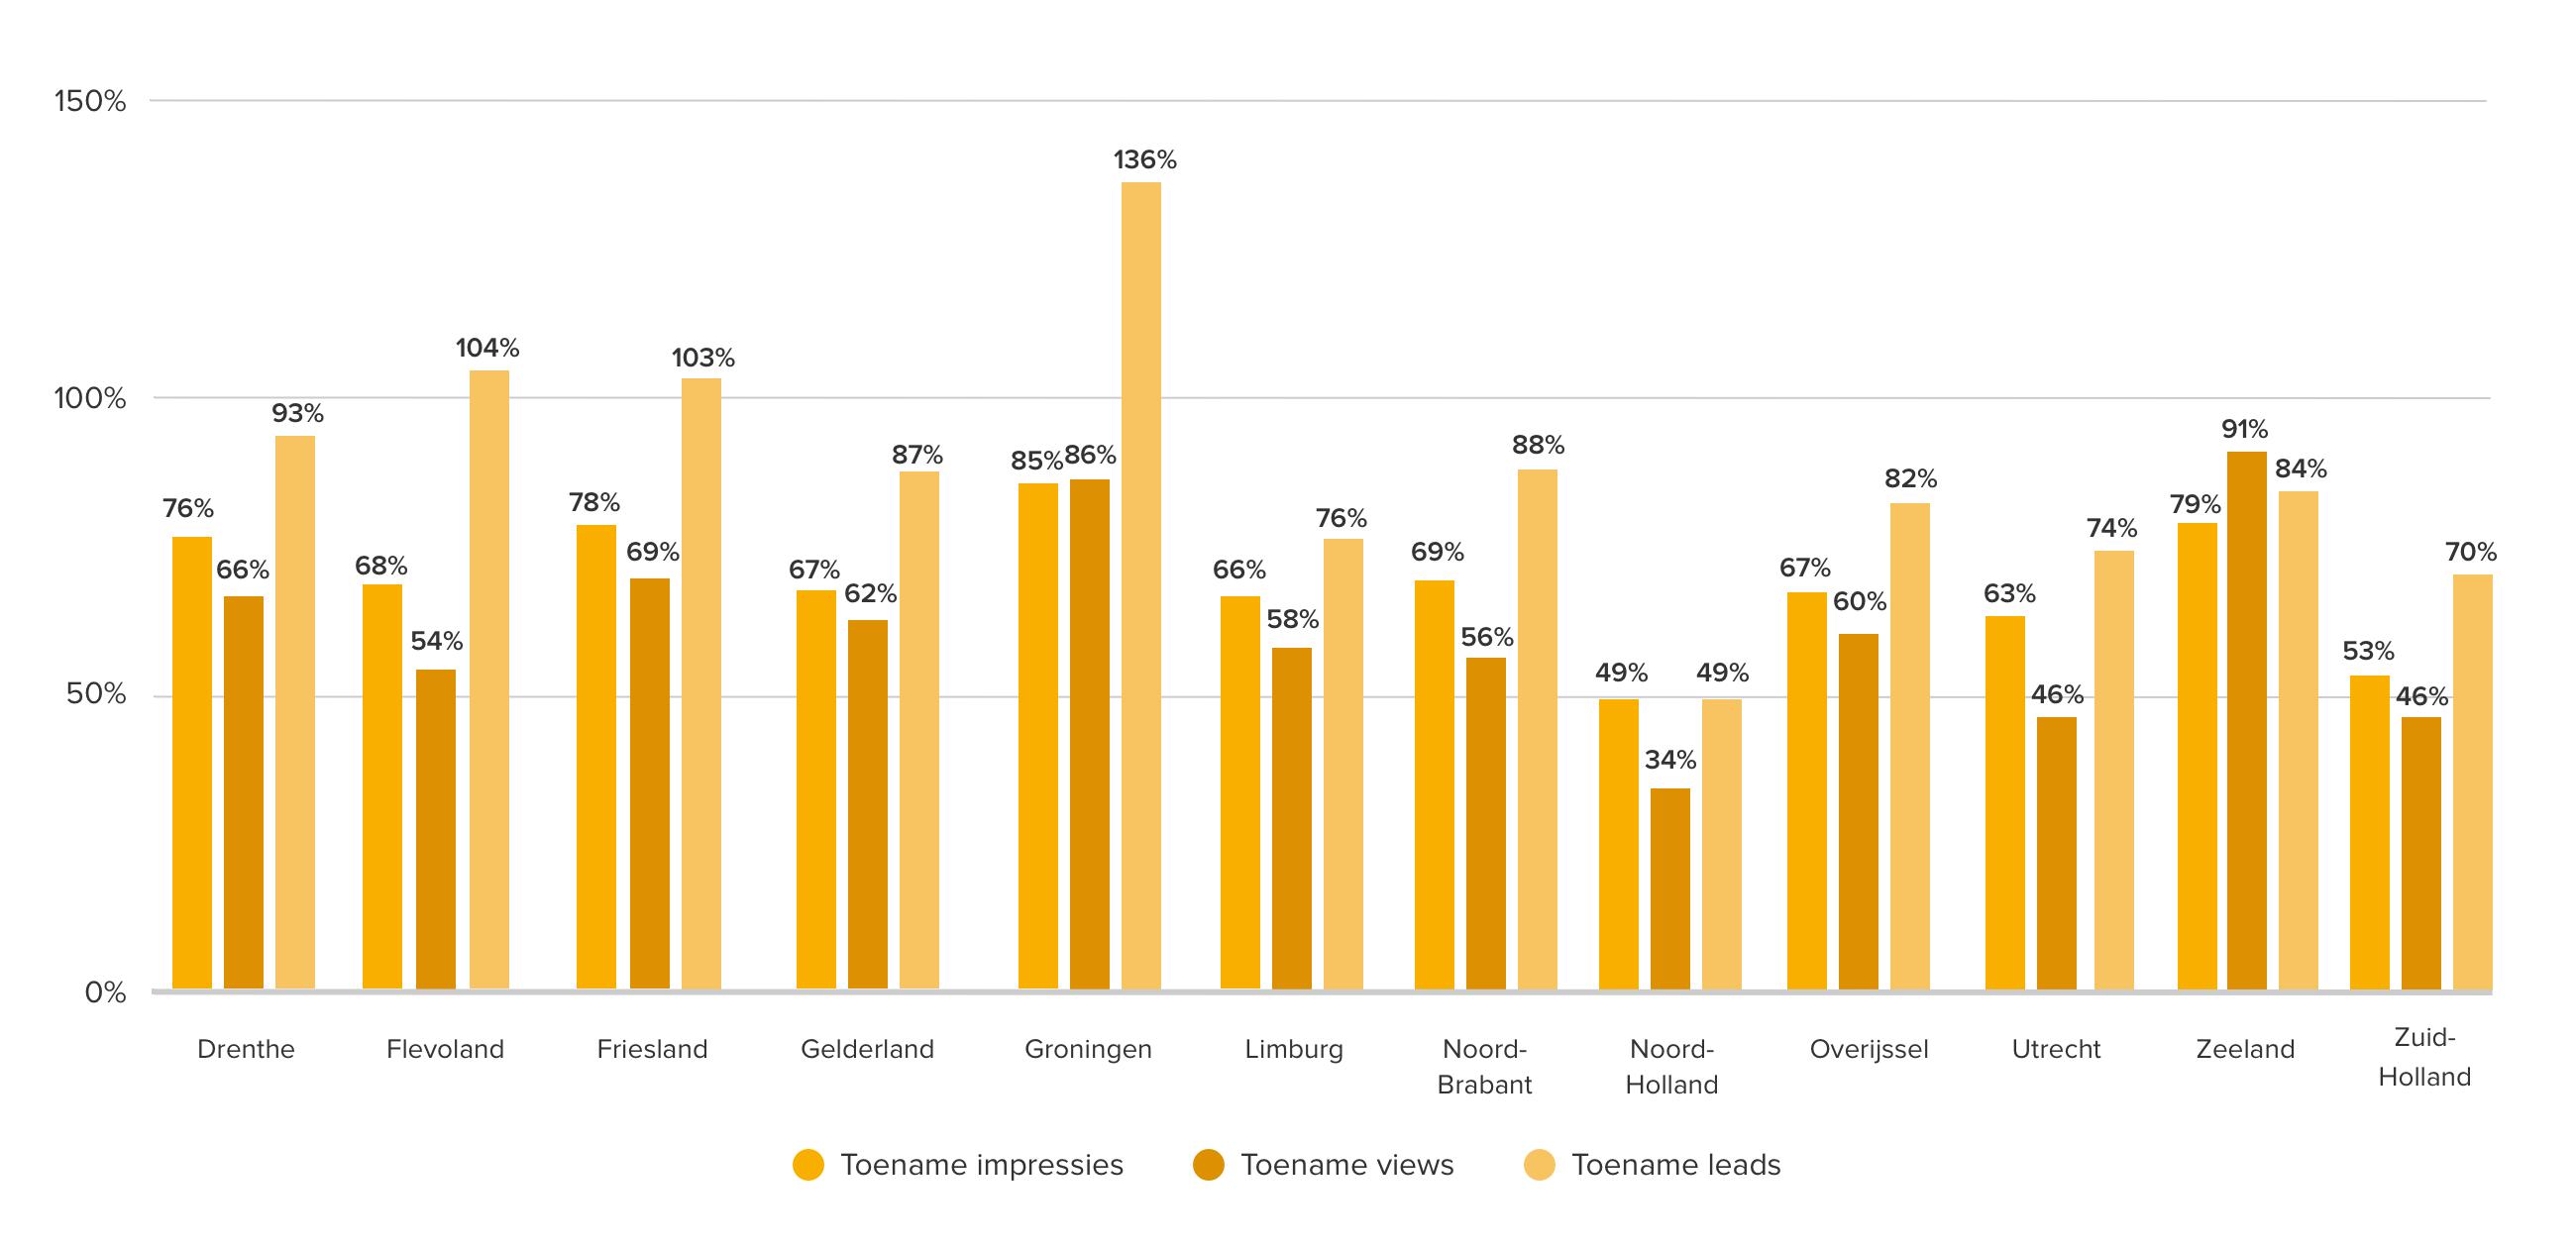 Bovenstaande grafiek toont de toename tussen het eerste halfjaar van 2020 en 2021 in bereik, interesse en contactaanvragen per provincie, waarbij de cijfers van de tien grootste steden buiten beschouwing zijn gelaten. Inde funda Barometerstaan alle regiocijfers voor bereik, interesse en contact.